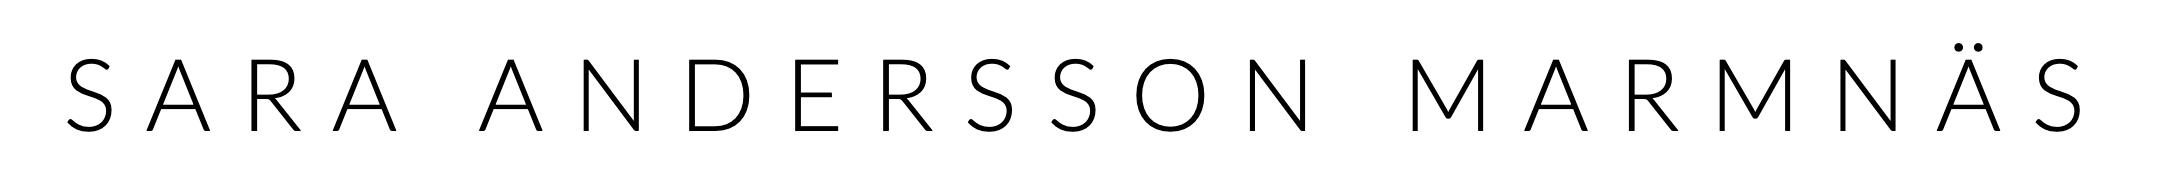 SARA ANDERSSON MARMNÄS Logo